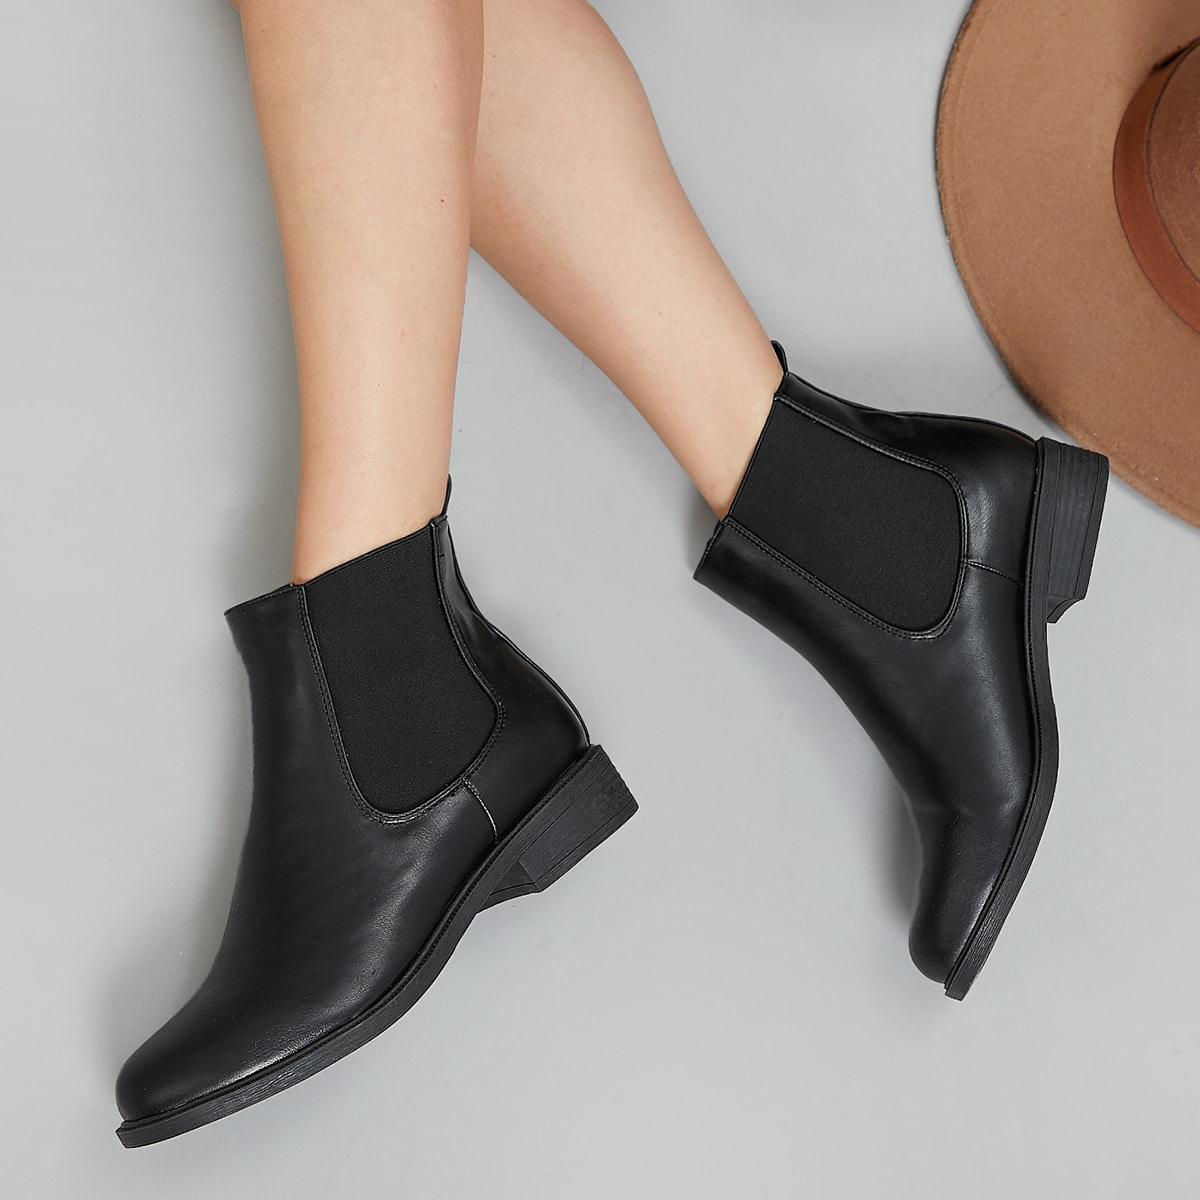 SHEIN / Chelsea Stiefel mit Zehenpartie